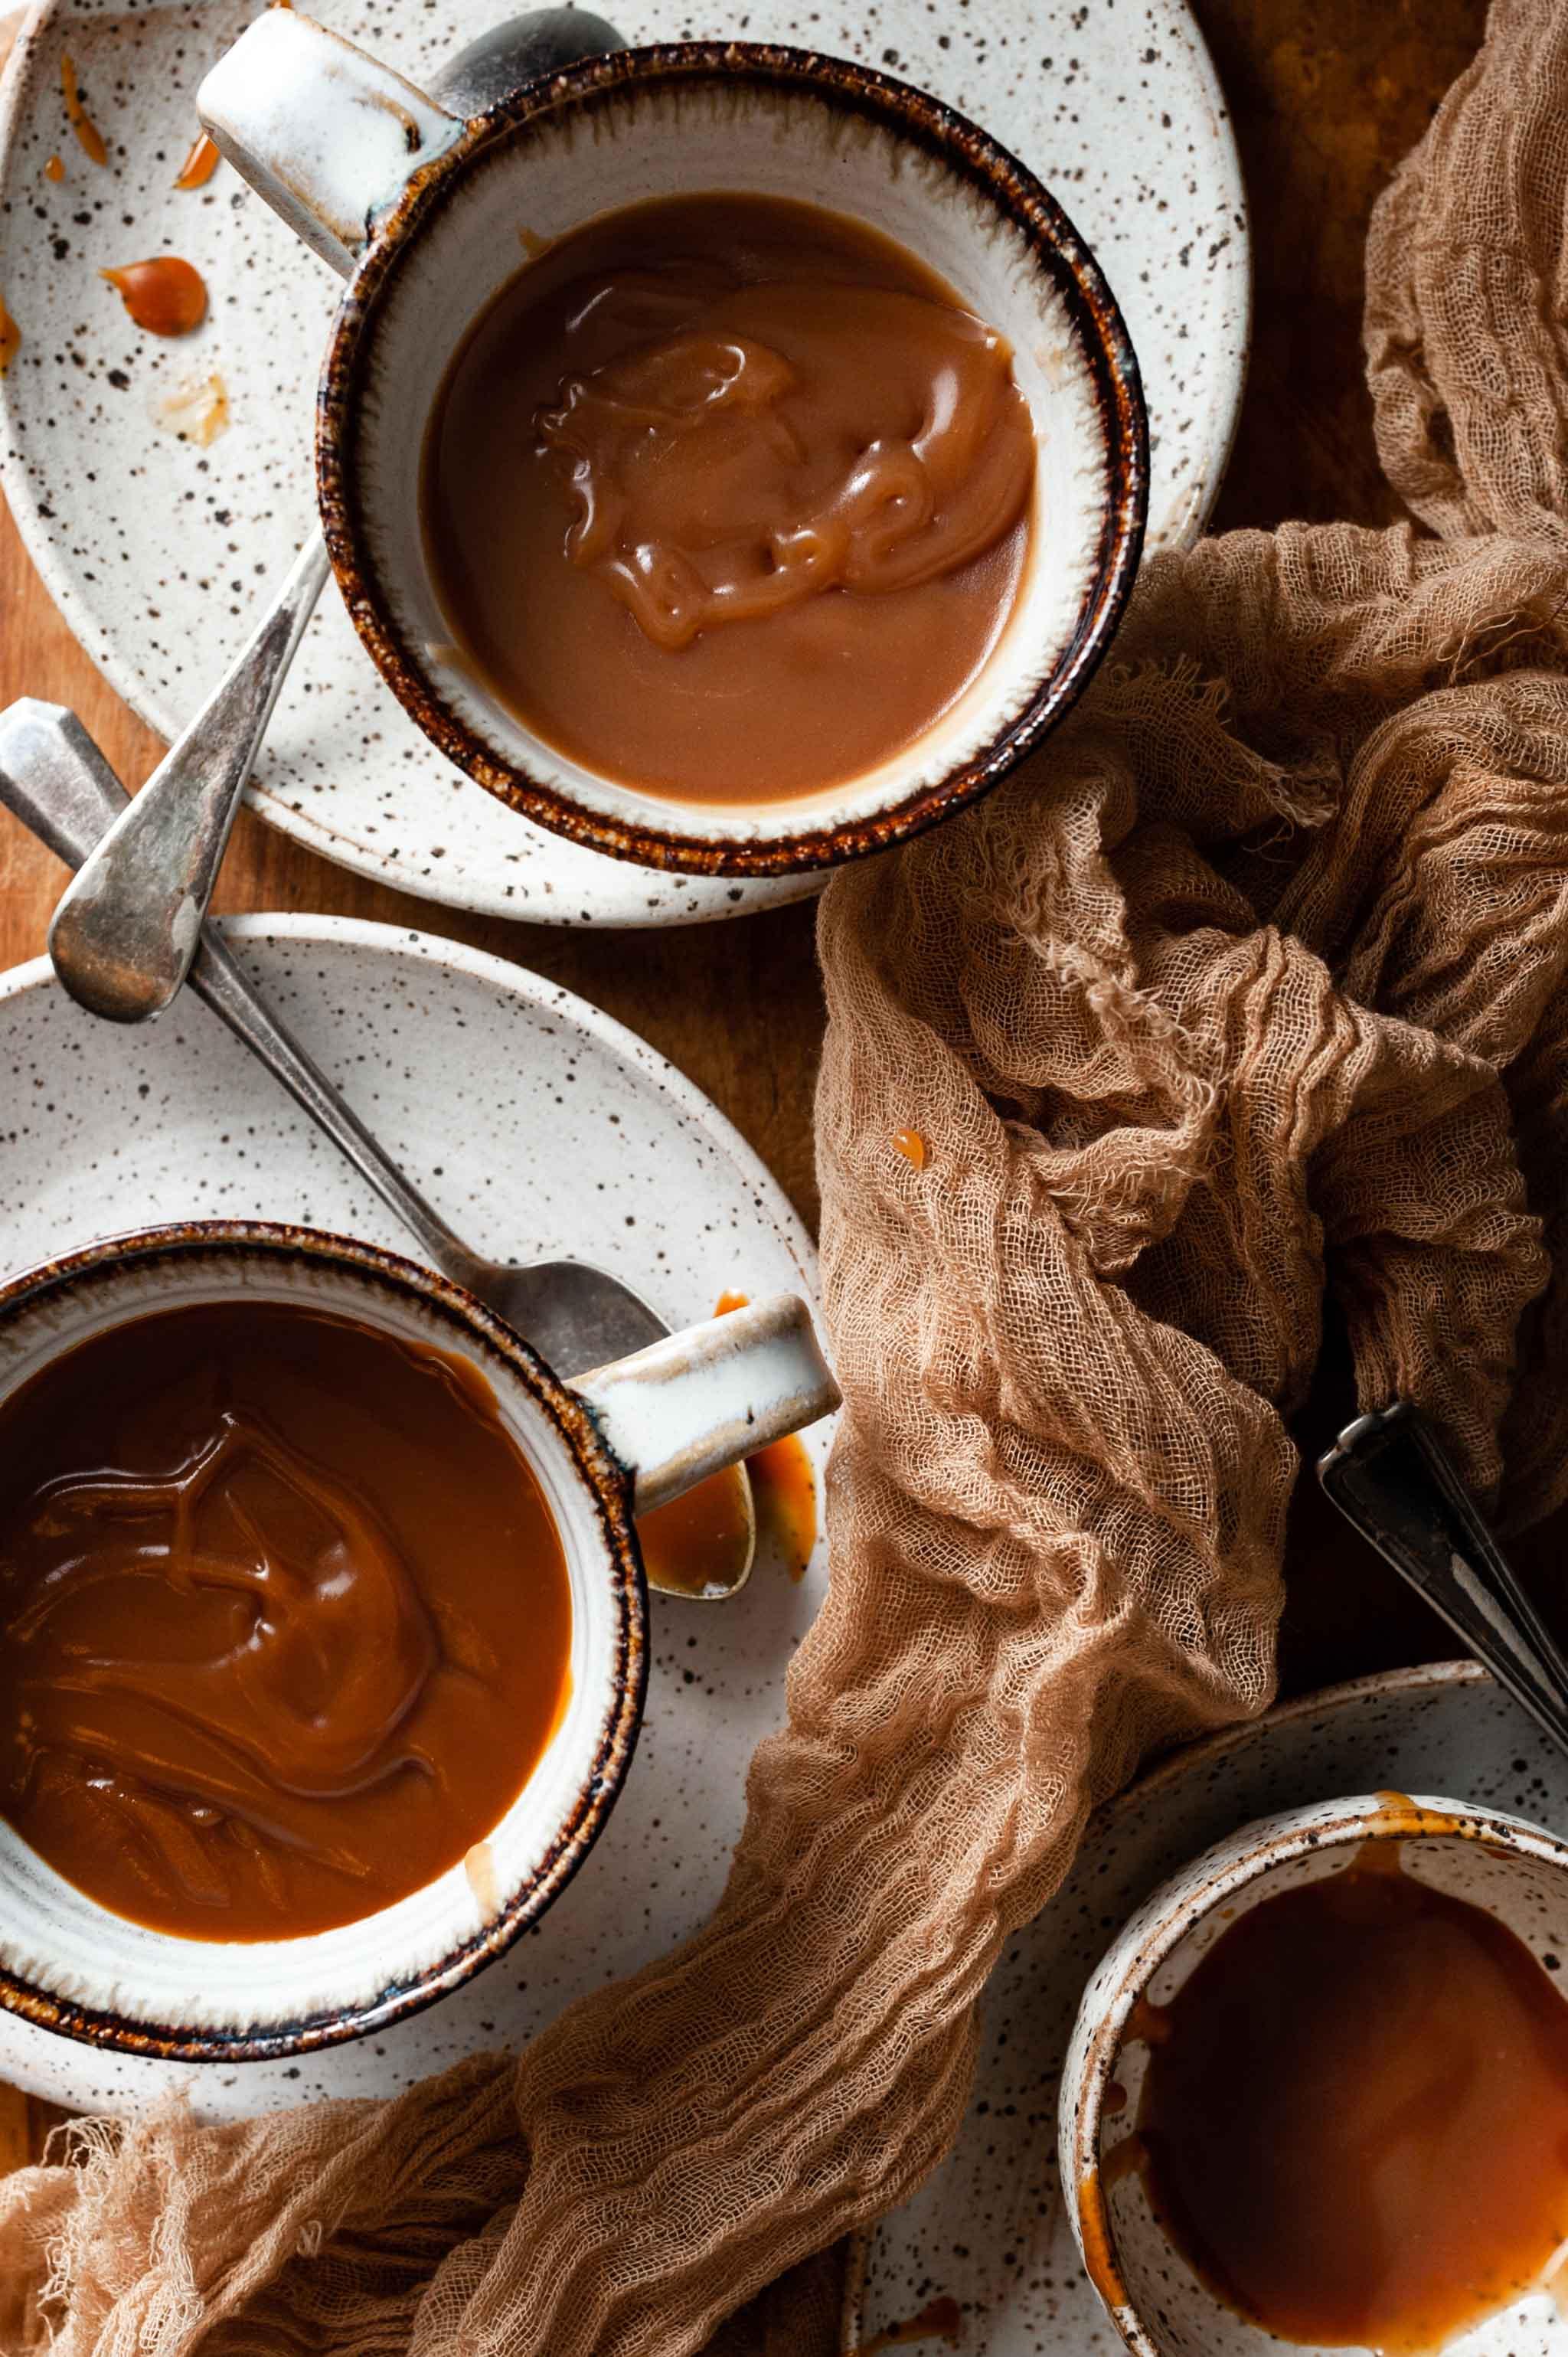 Homemade Salted Caramel sauce both dark caramel and light caramel colors